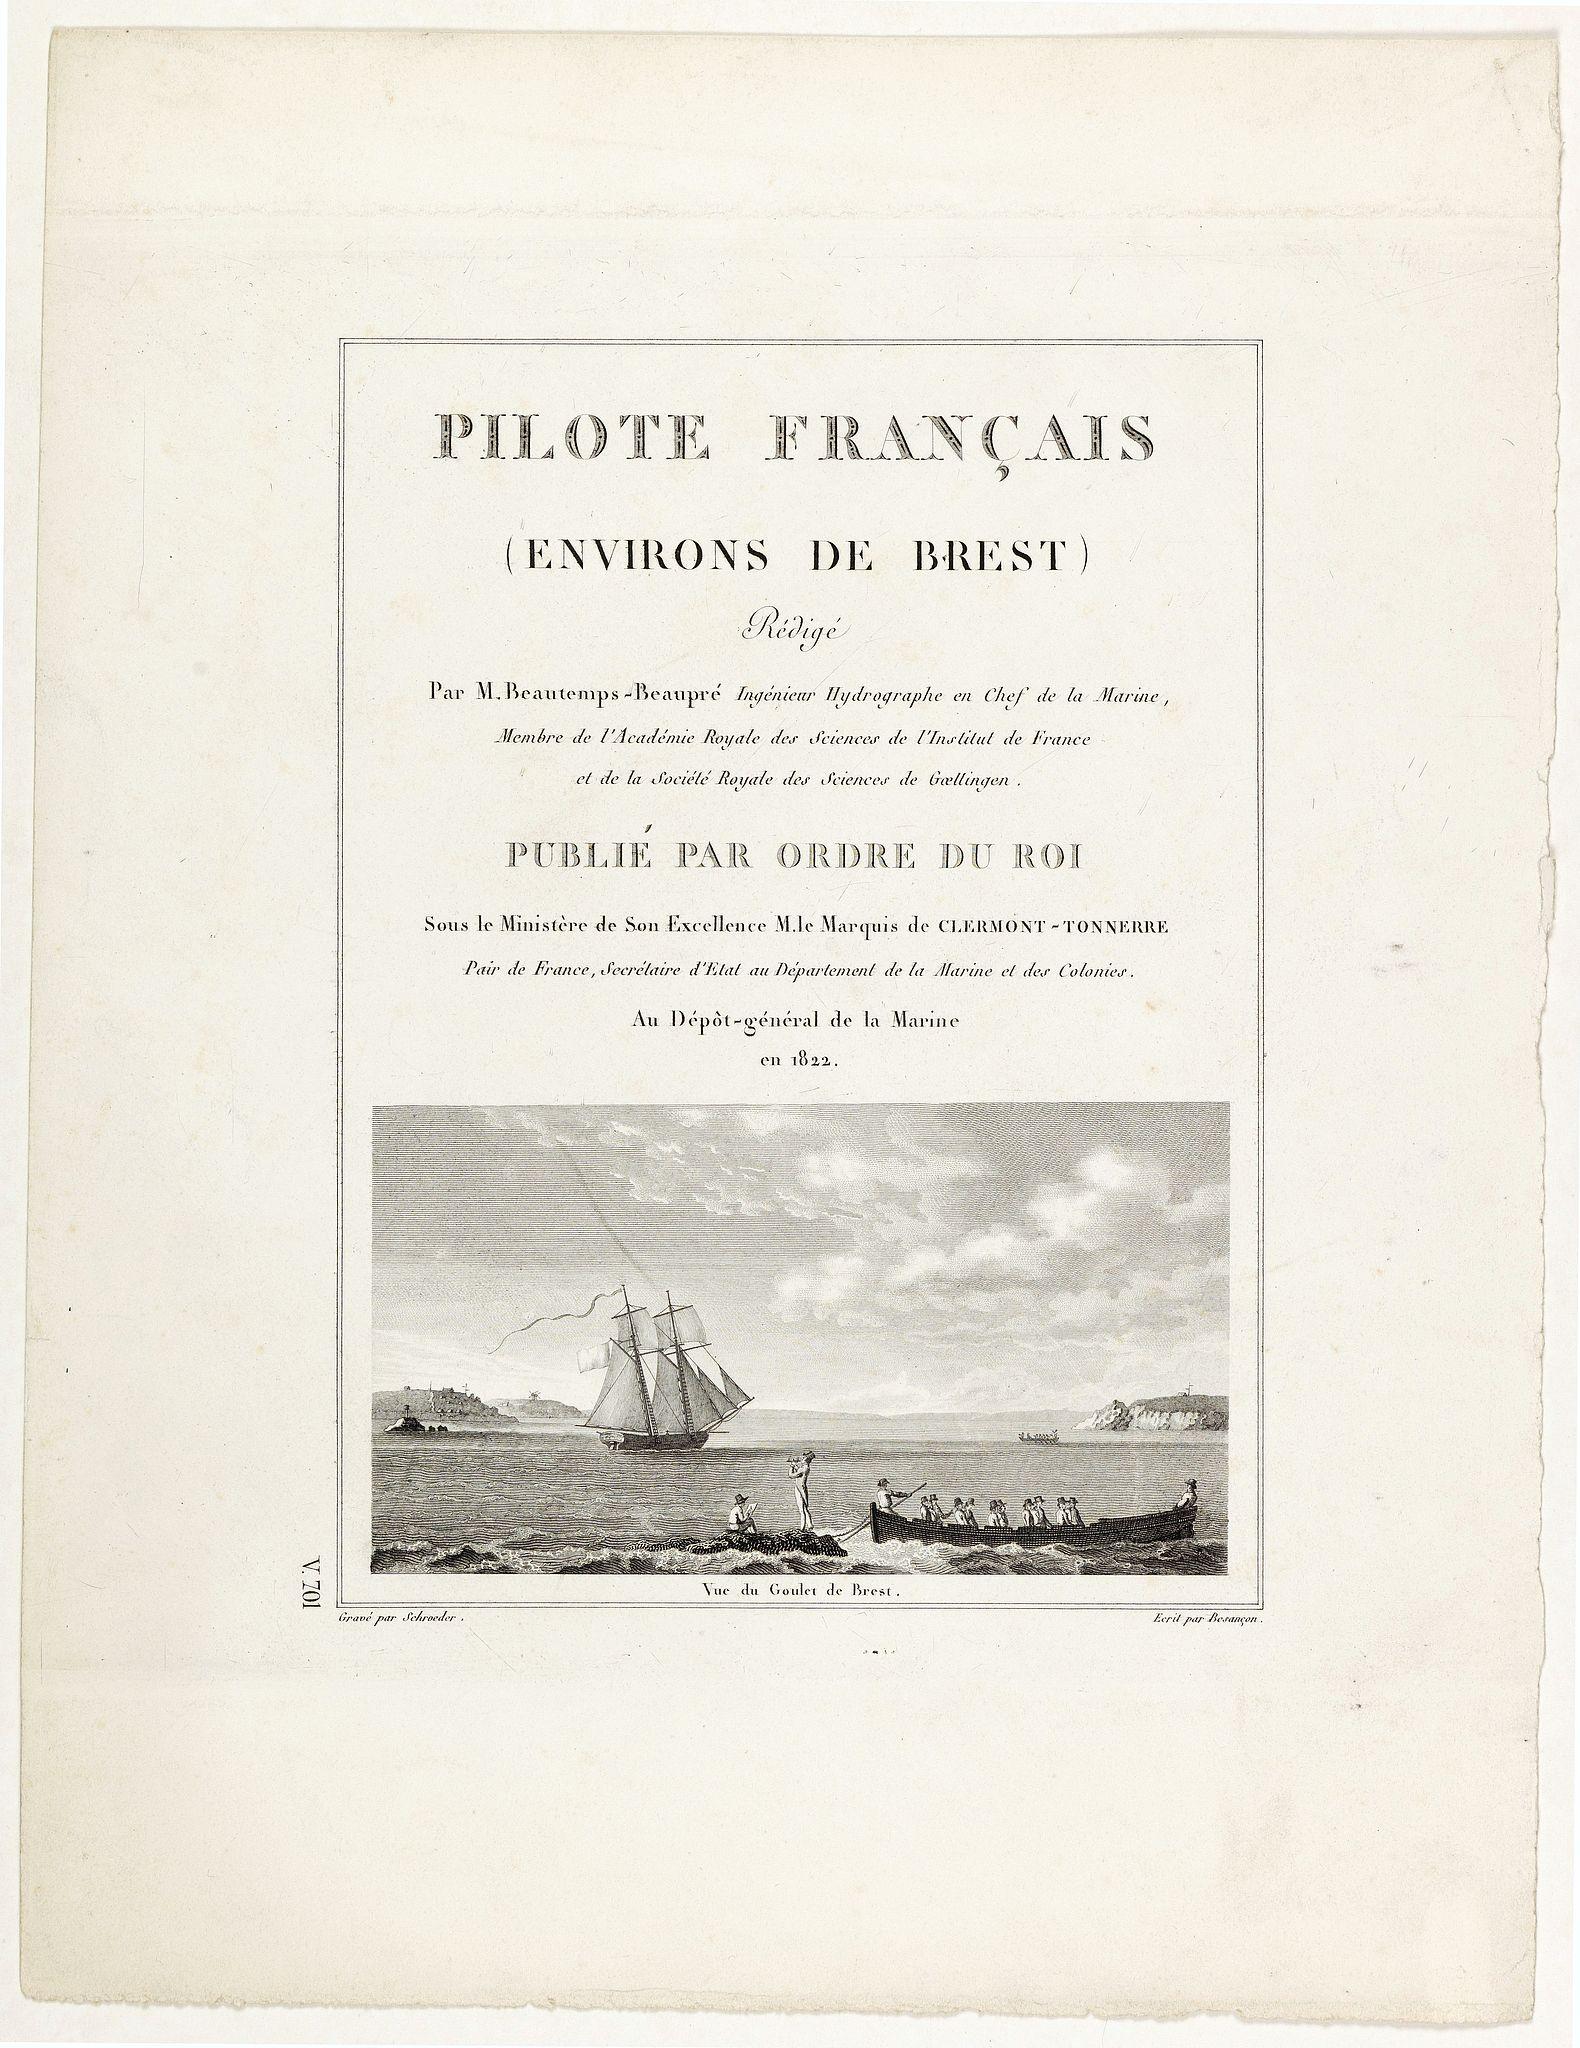 SCHROEDER. -  [Title page] Pilote Français (environs de Brest) rédigé par M. Beaulieu-Beaupré . . .